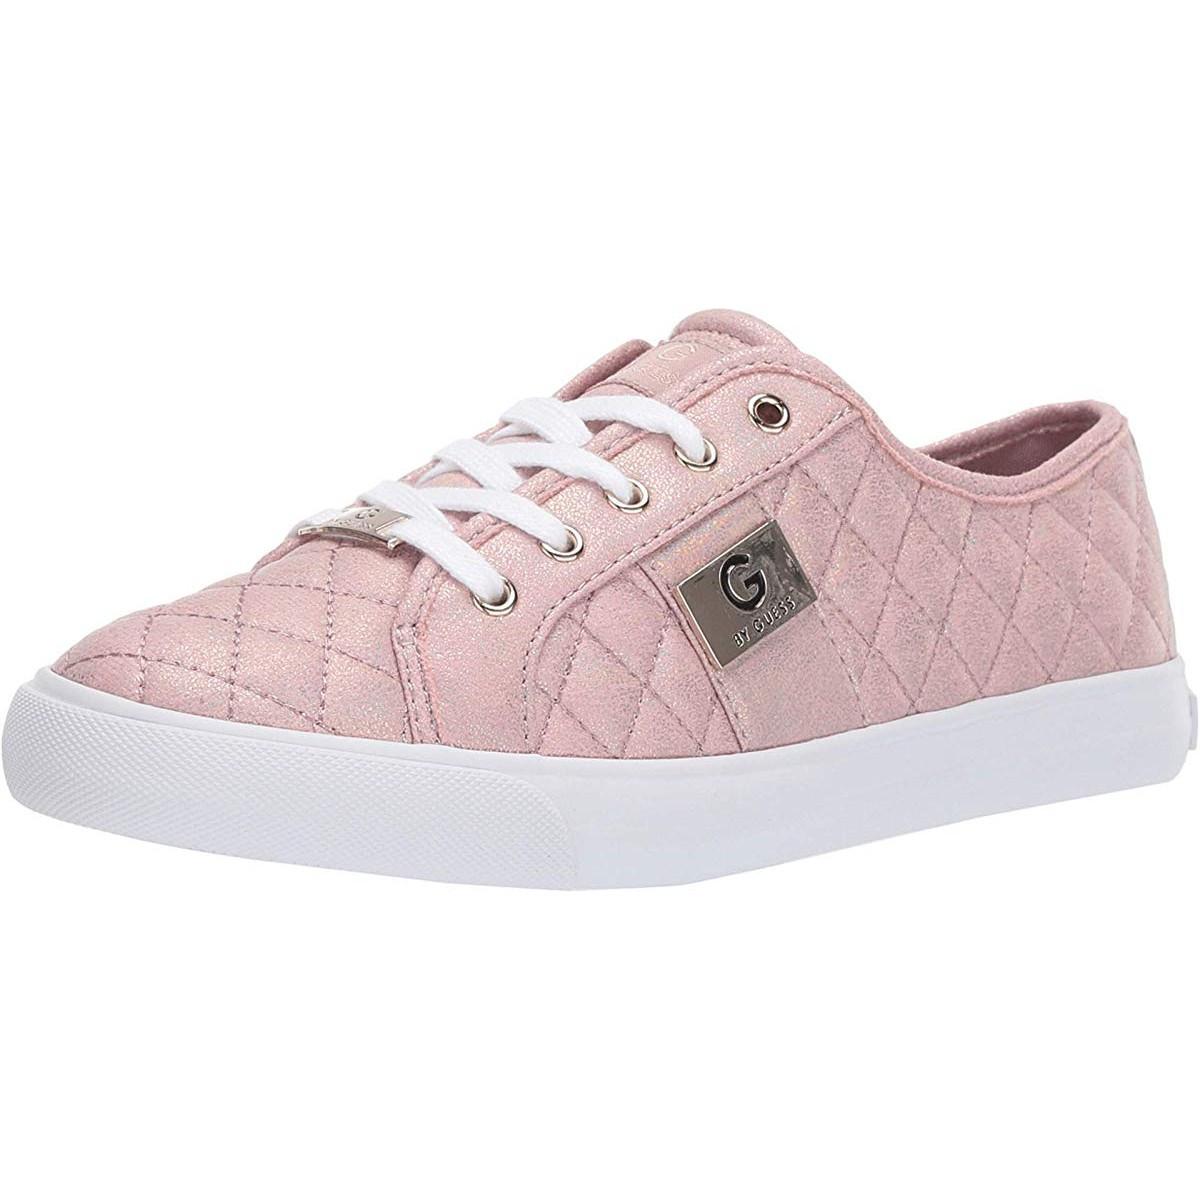 Кроссовки G by GUESS Backer2 Pink - Оригинал, фото 1